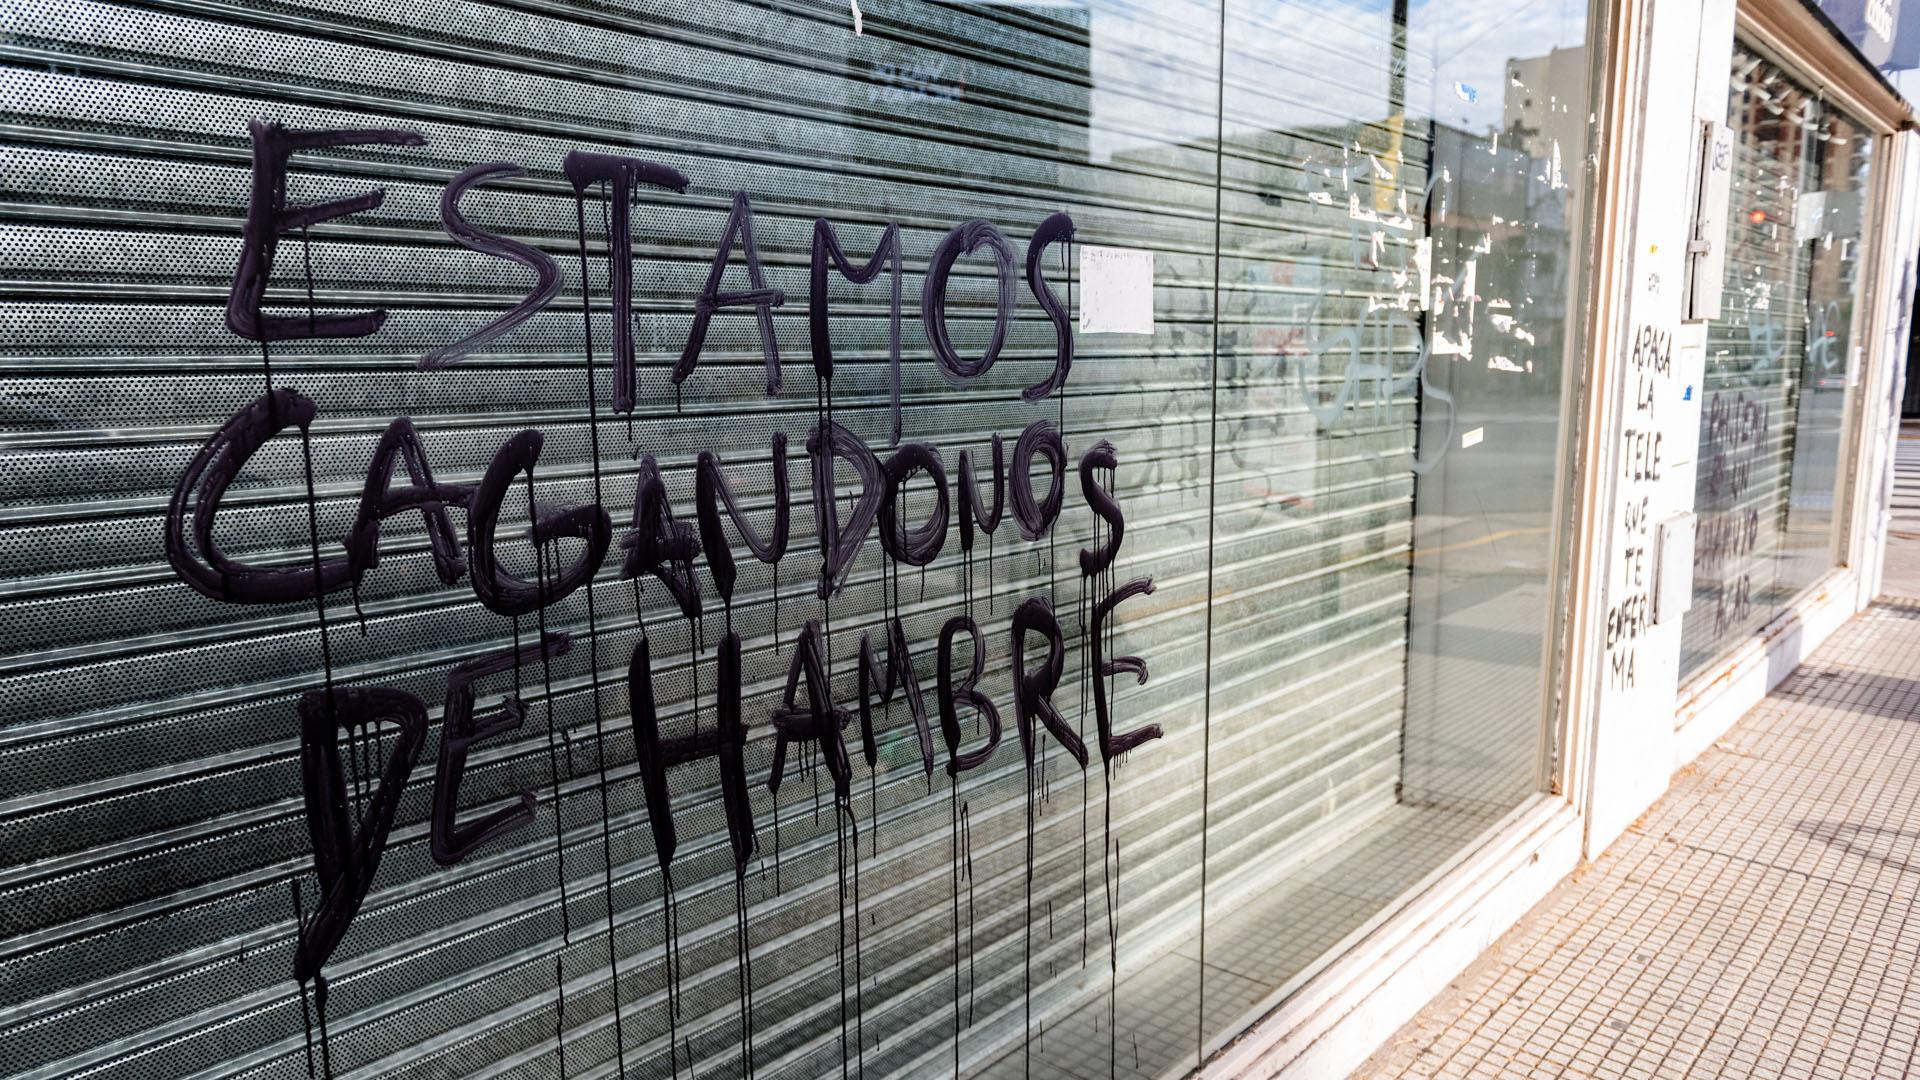 Una pintada sobre un local deportivo, ubicado en avenida Córdoba 4599, que grafica la situación de muchos pequeños empresarios